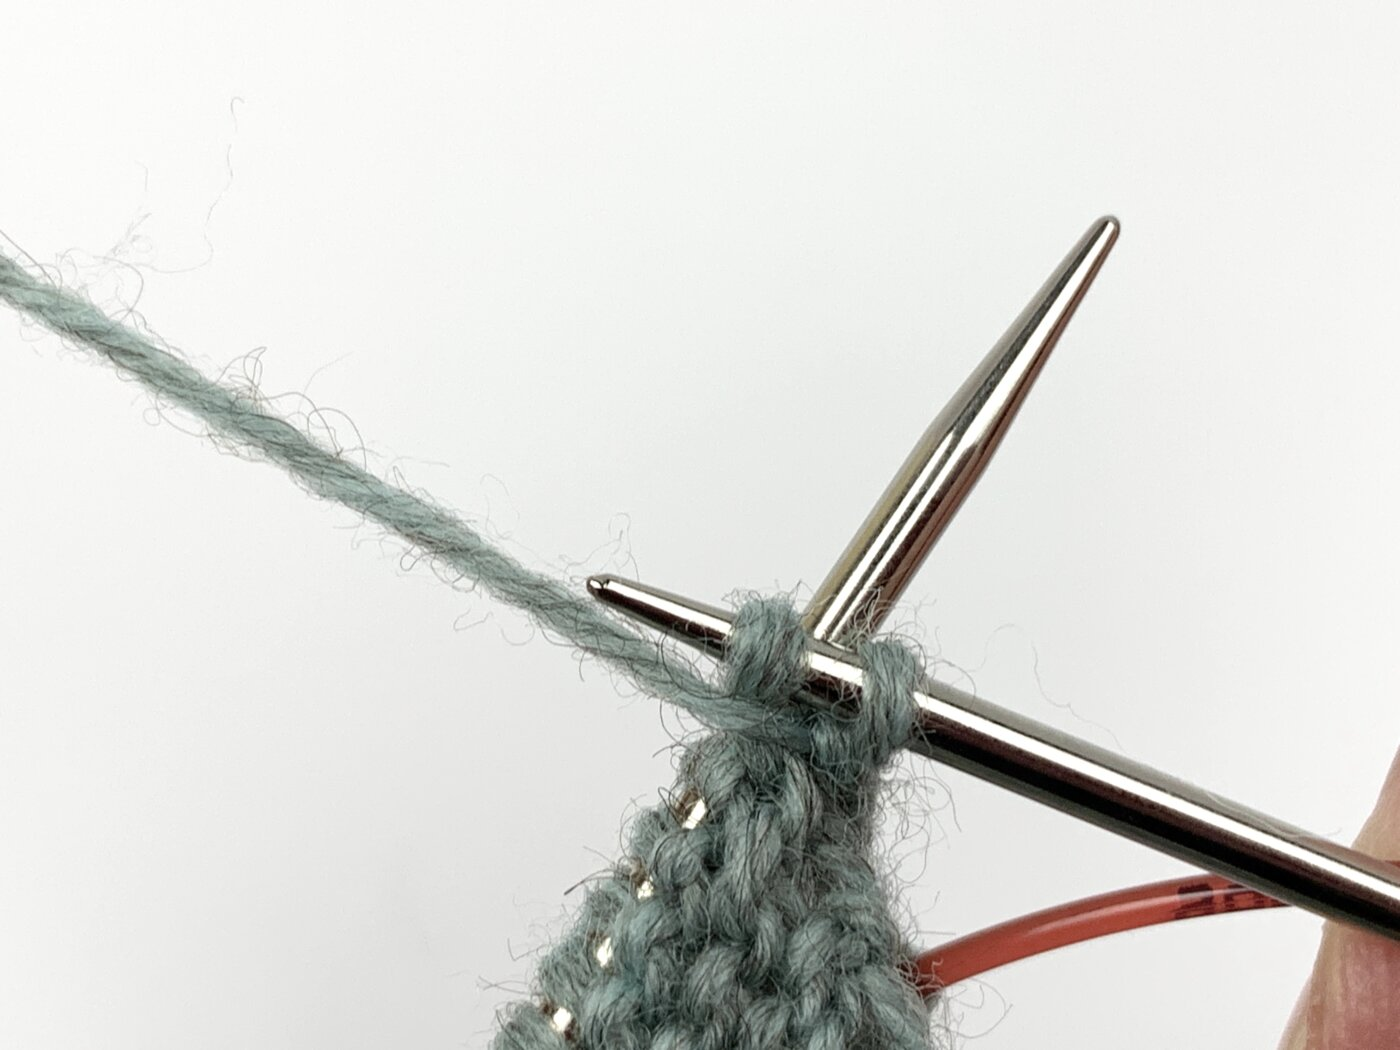 Schiebe die rechte Nadelspitze von rechts nach links vor der linken Nadel durch den Querfaden und stricke ihn links ab. Der Querfaden wird hierbei verdreht. Dadurch entsteht hier kein Loch.